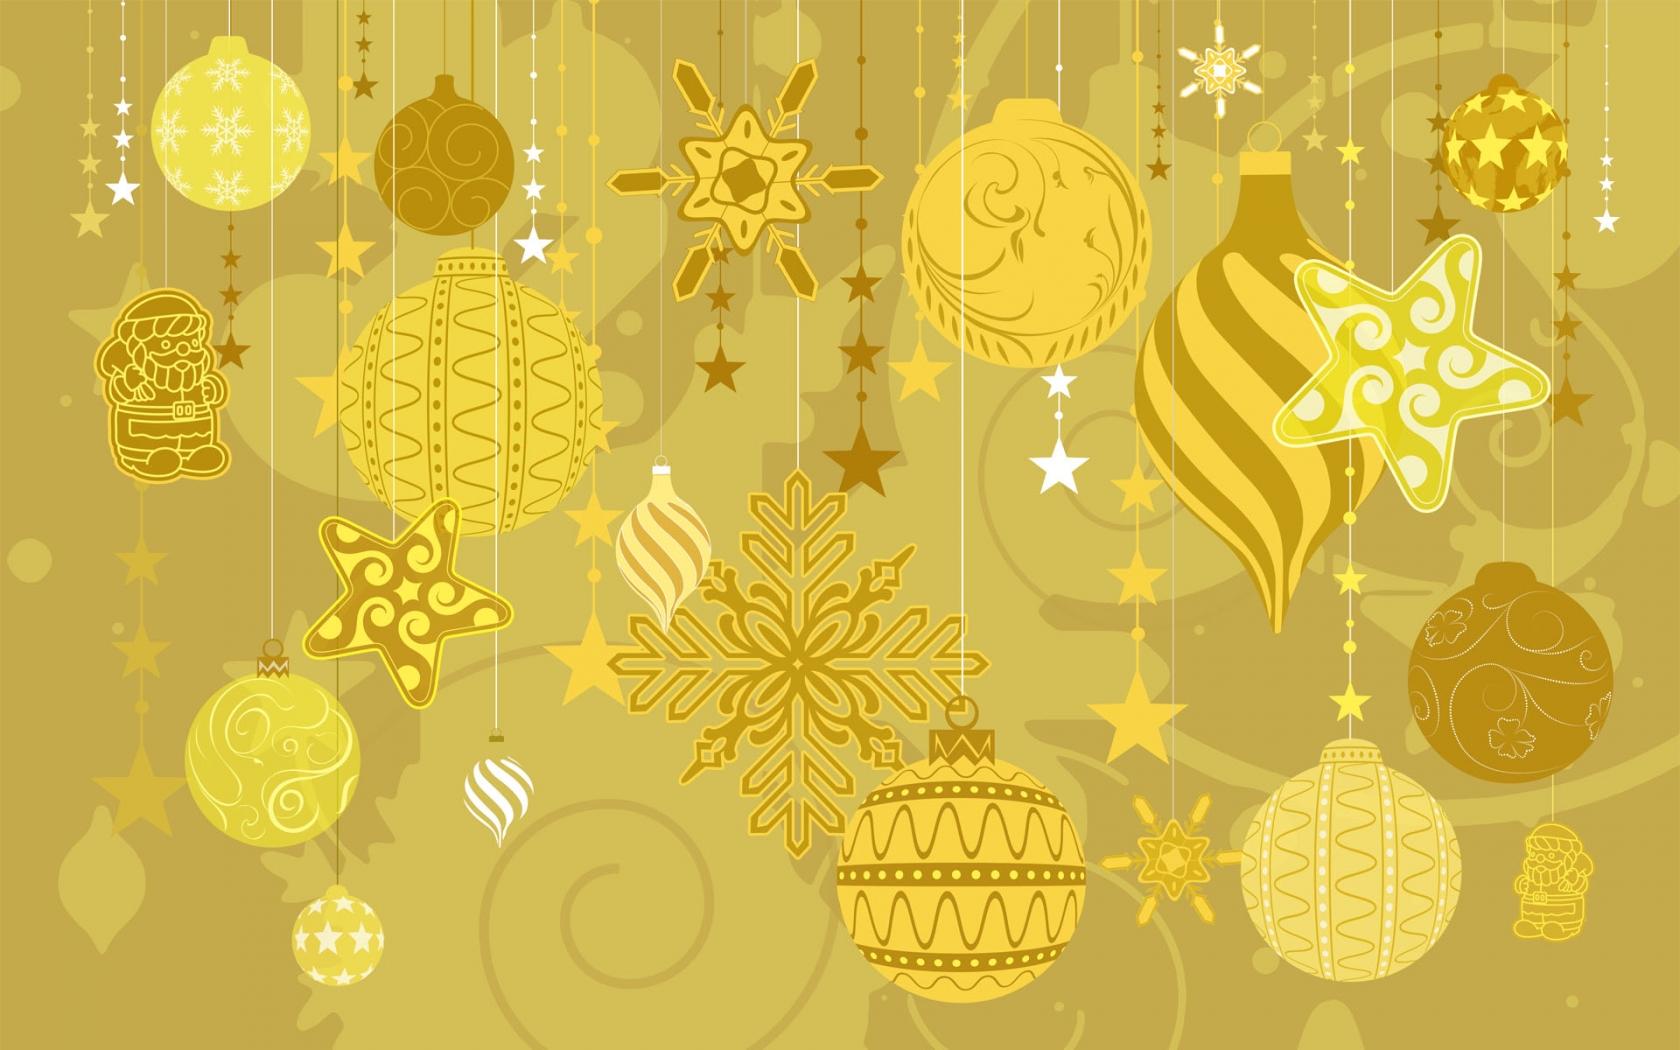 Decoración y adornos dorados - 1680x1050